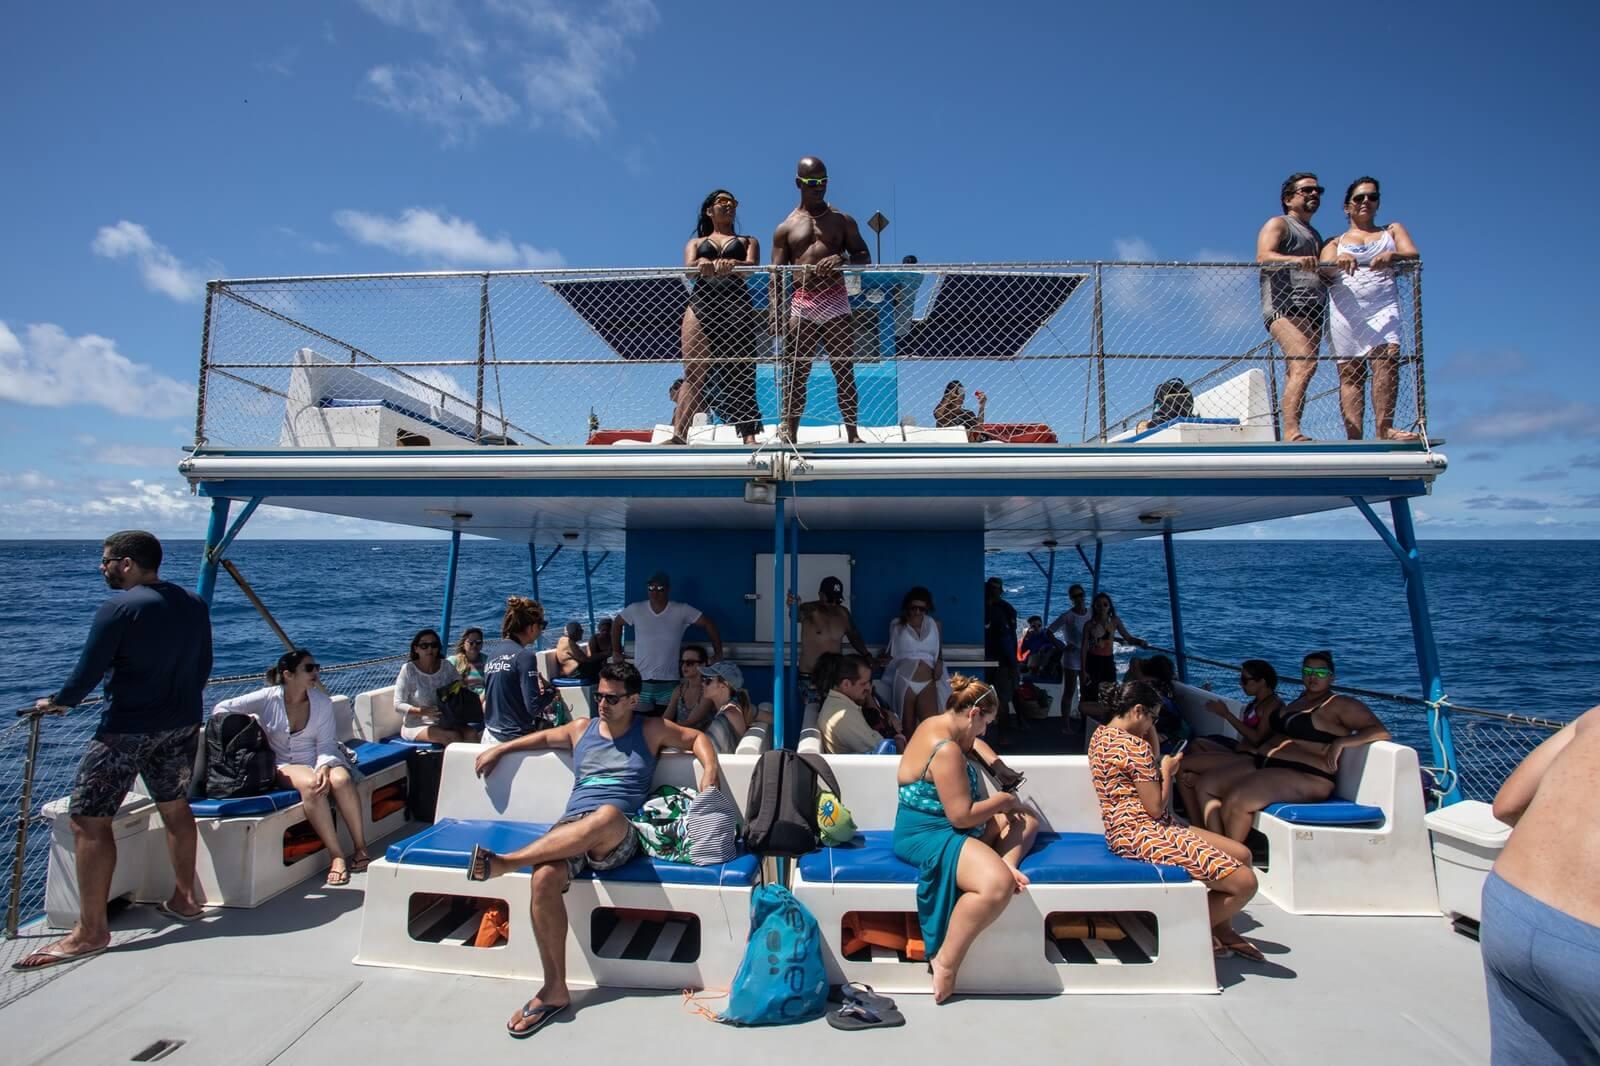 fernando de noronha revê capacidade de turistas na ilha